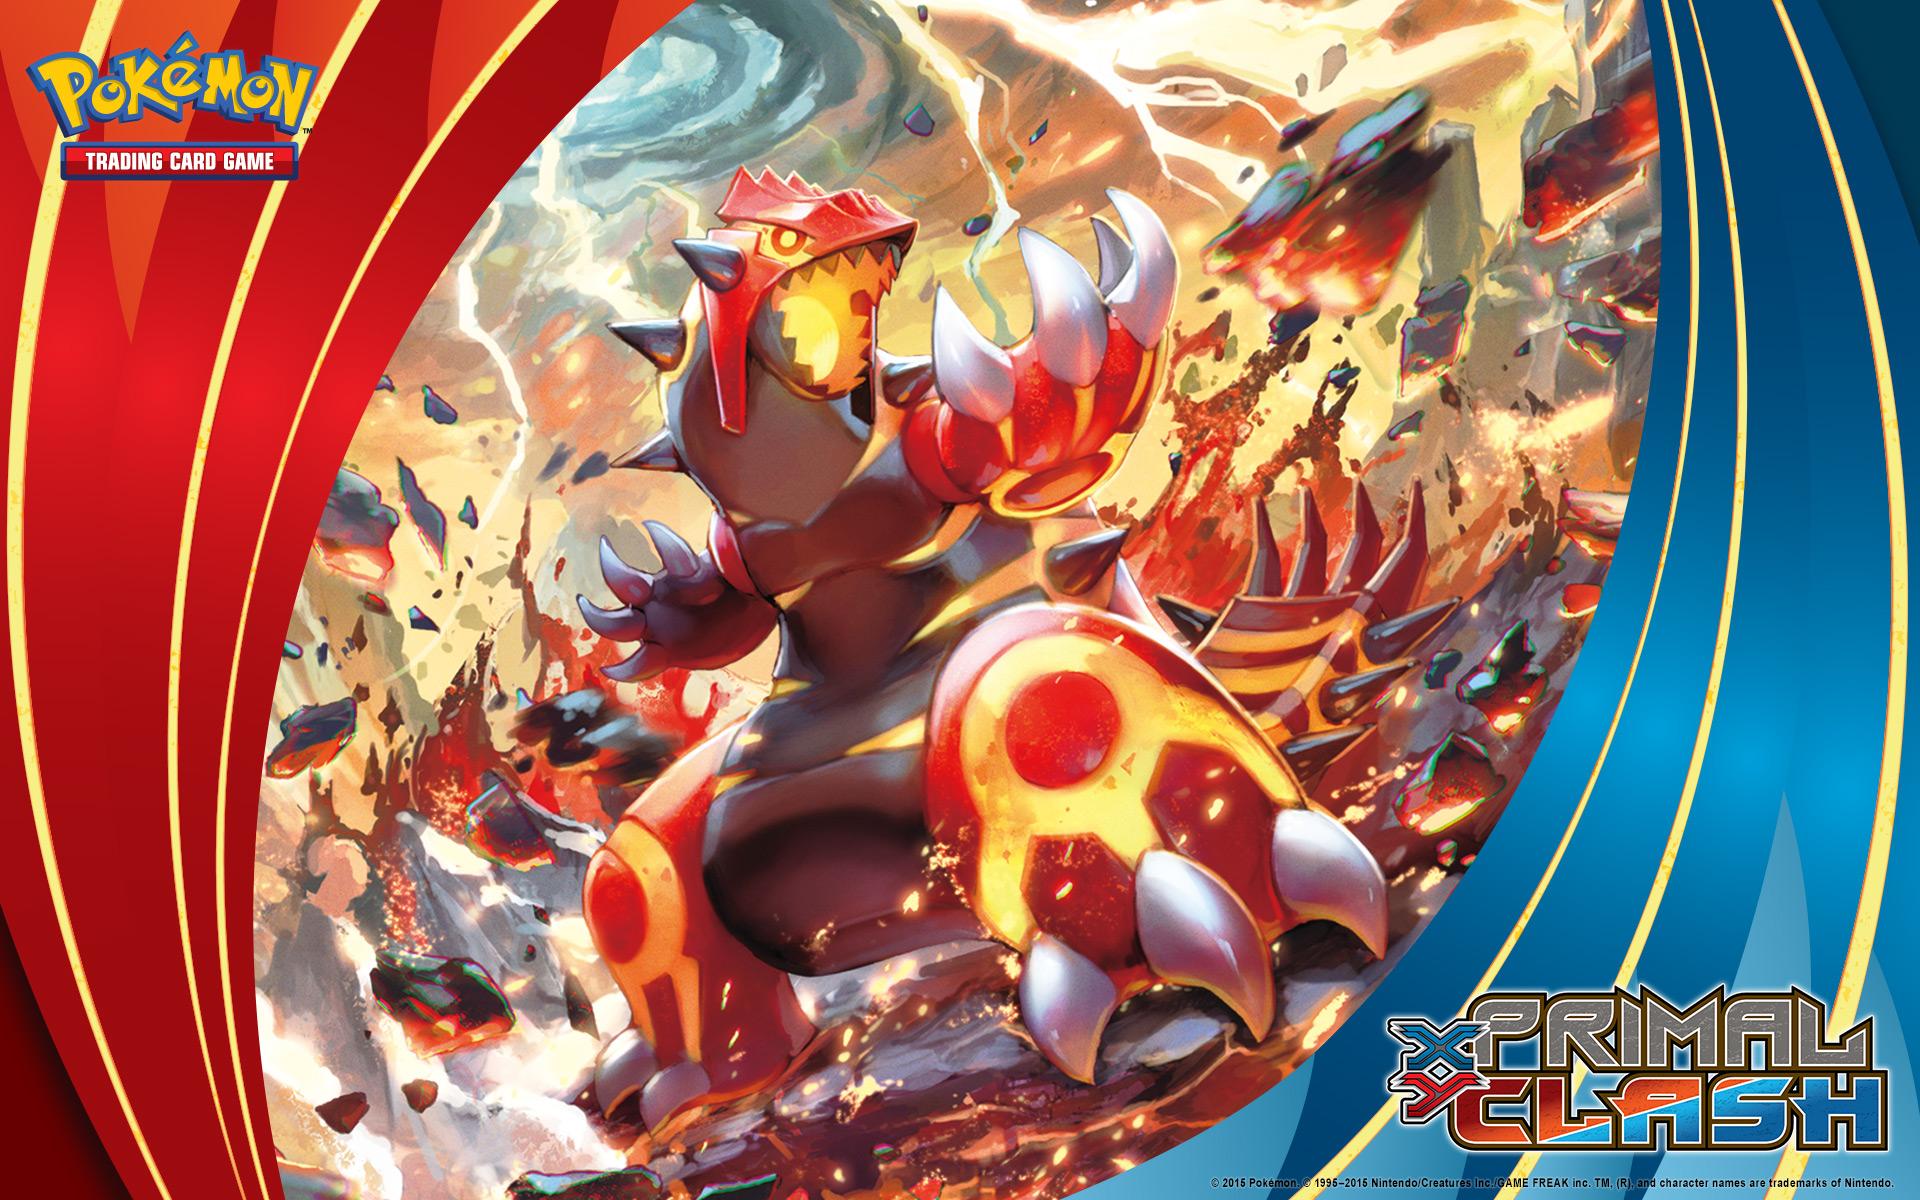 Pokemon Wallpaper Yveltal